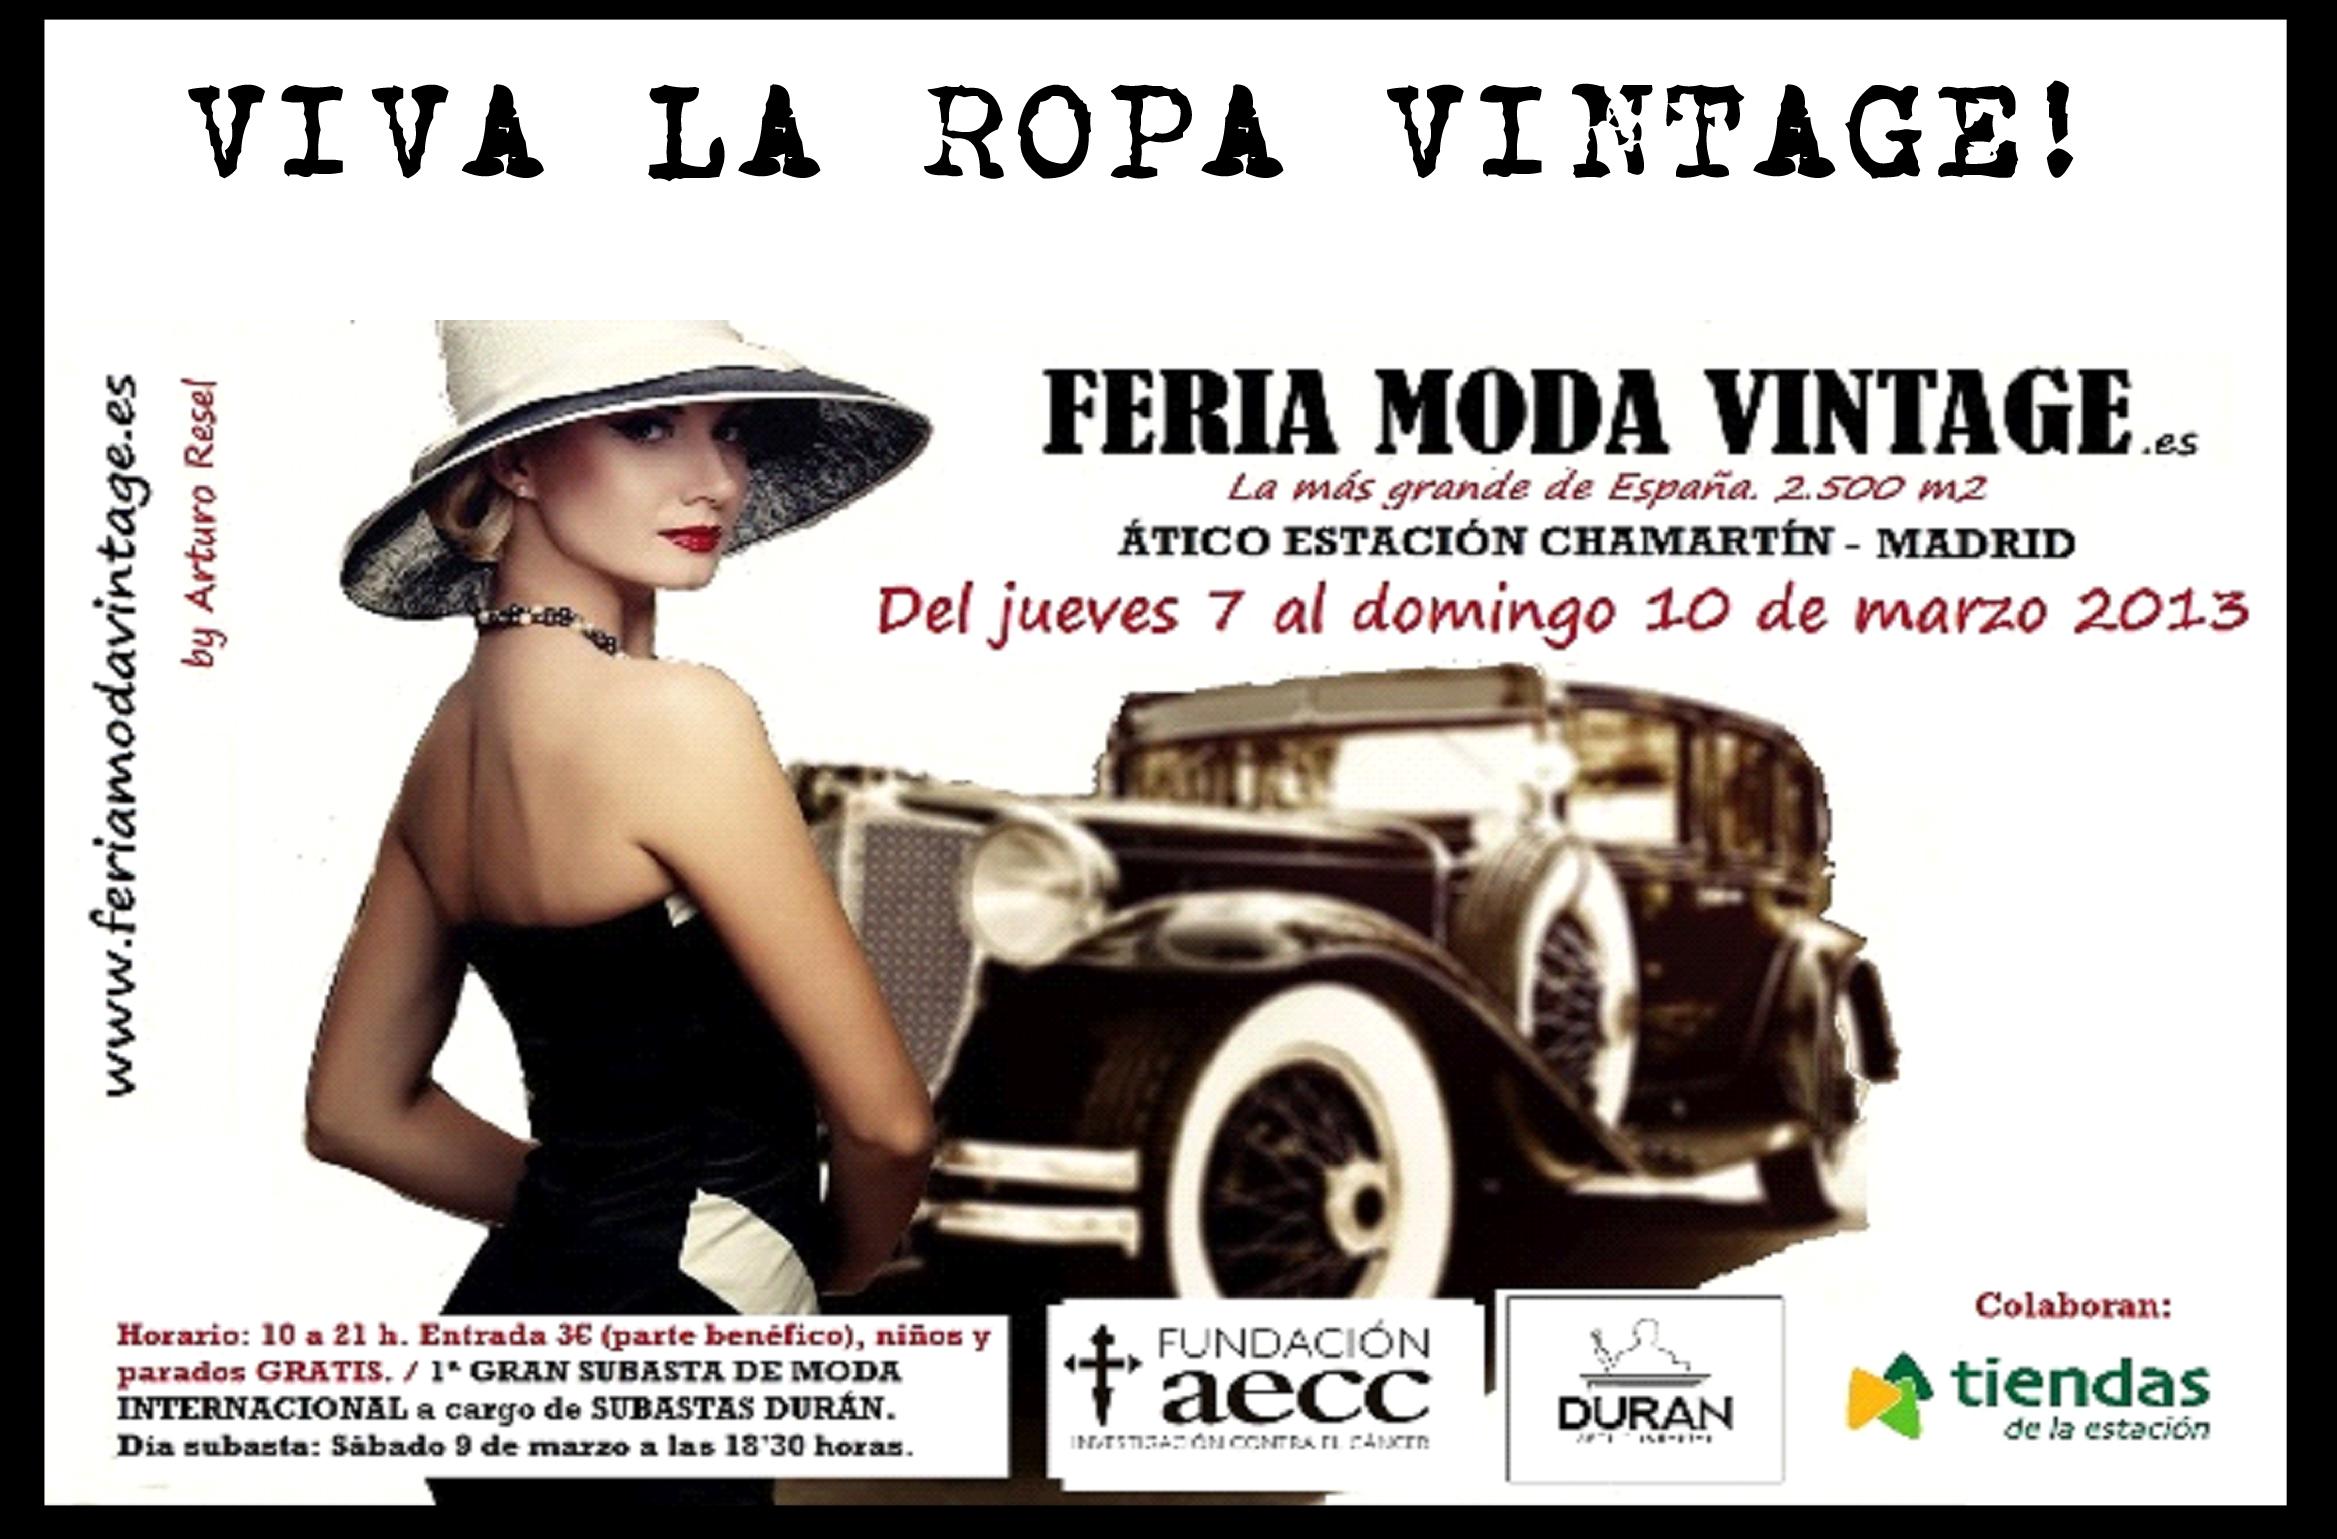 Feria de la Moda Vintage en Madrid 2013